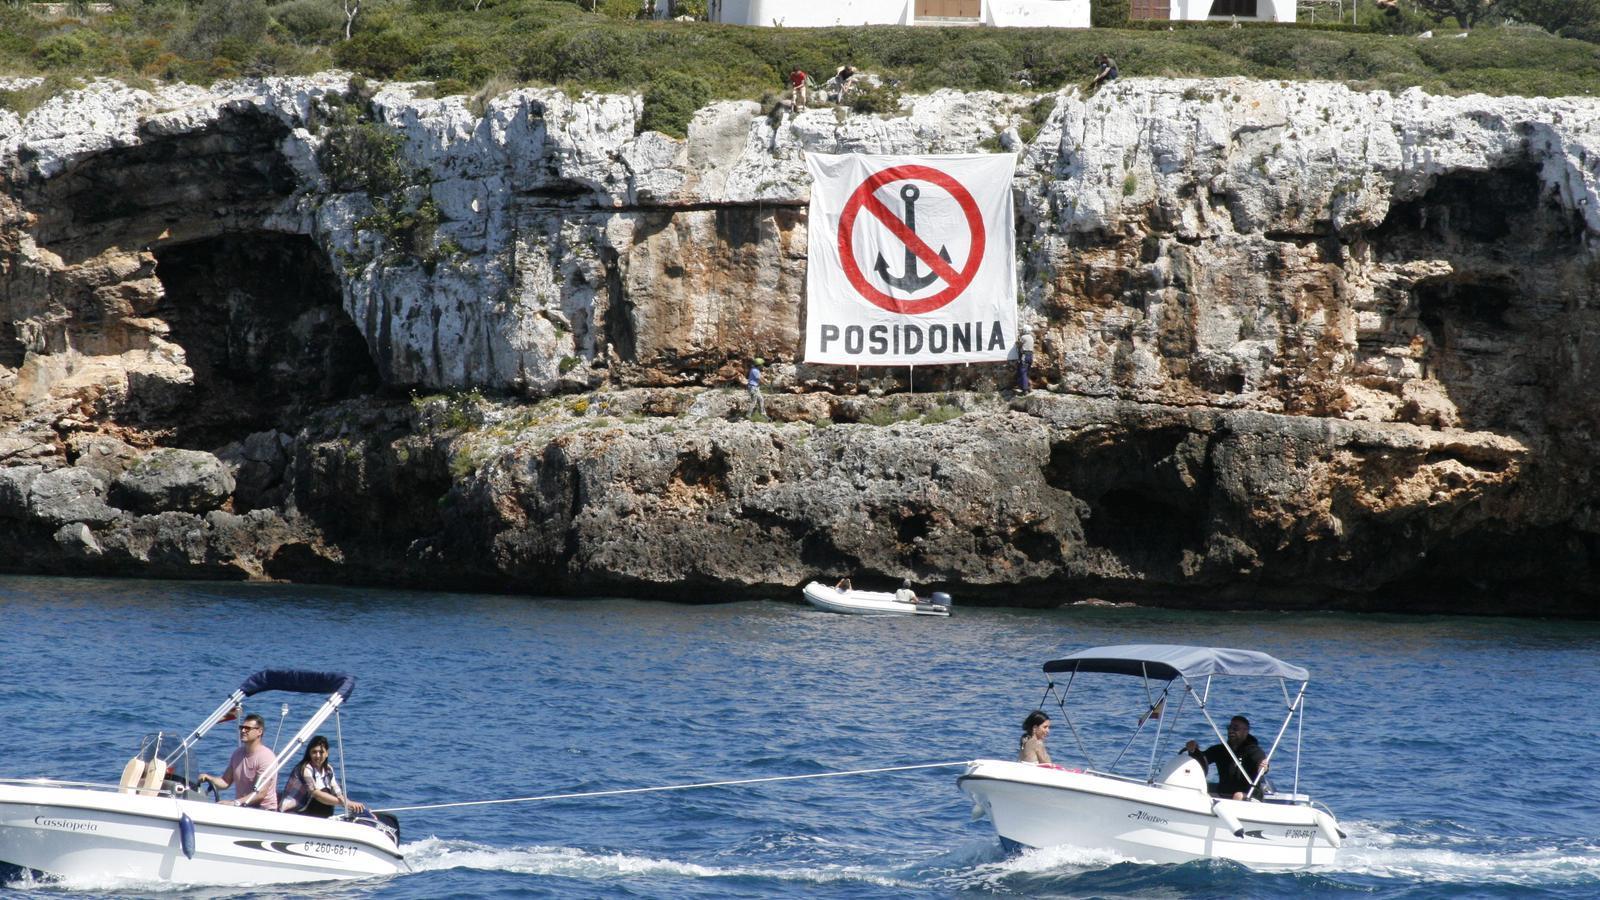 Moments en què Salvem Portocolom penja el cartell sobre la prohibició d'ancorar a la posidònia.